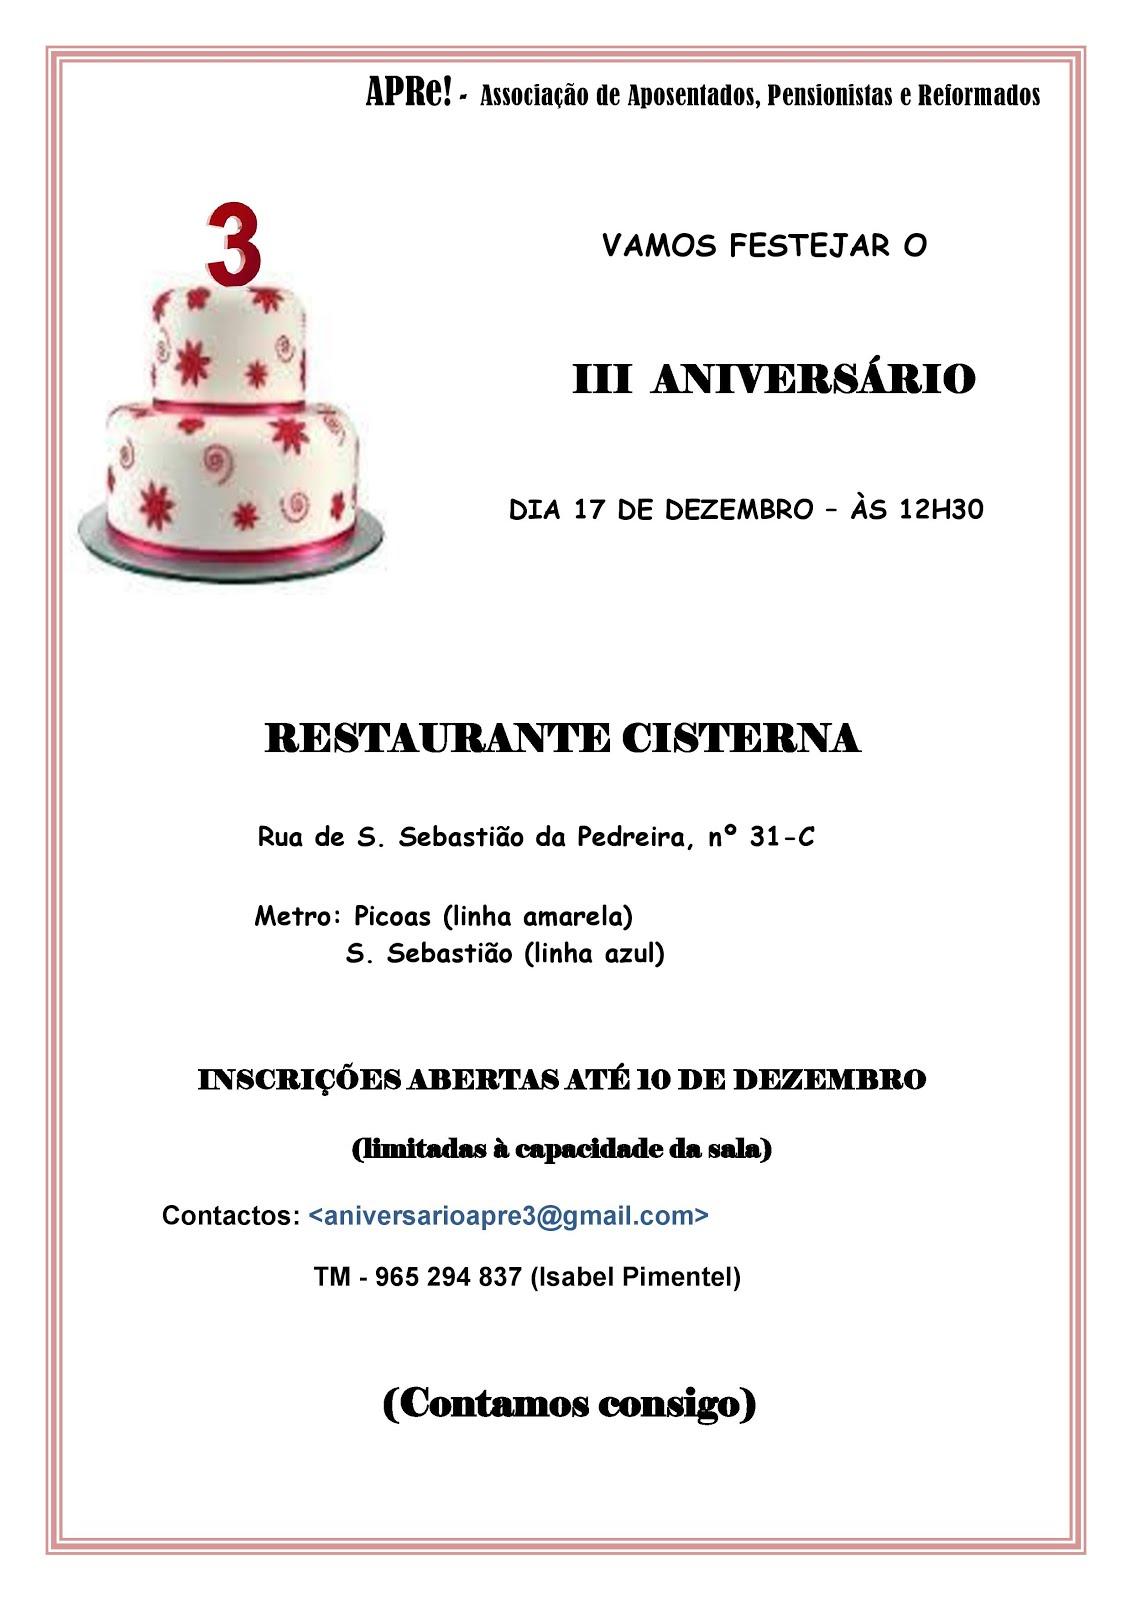 Lisboa, almoço comemorativo do 3º aniversário da APRe!